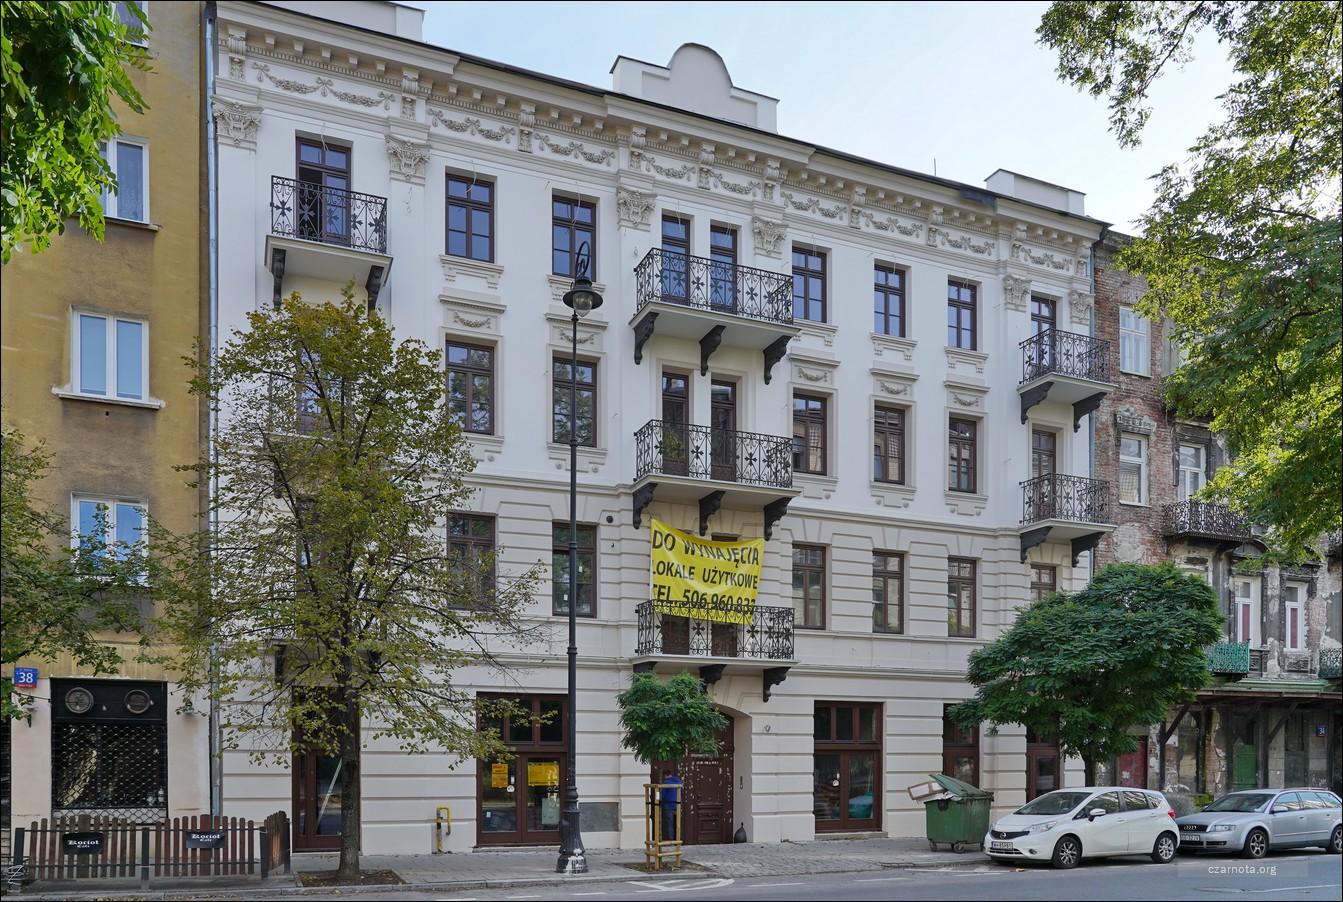 Warszawa, kamienica ul. Stalowa 36 w 2019 i 2020